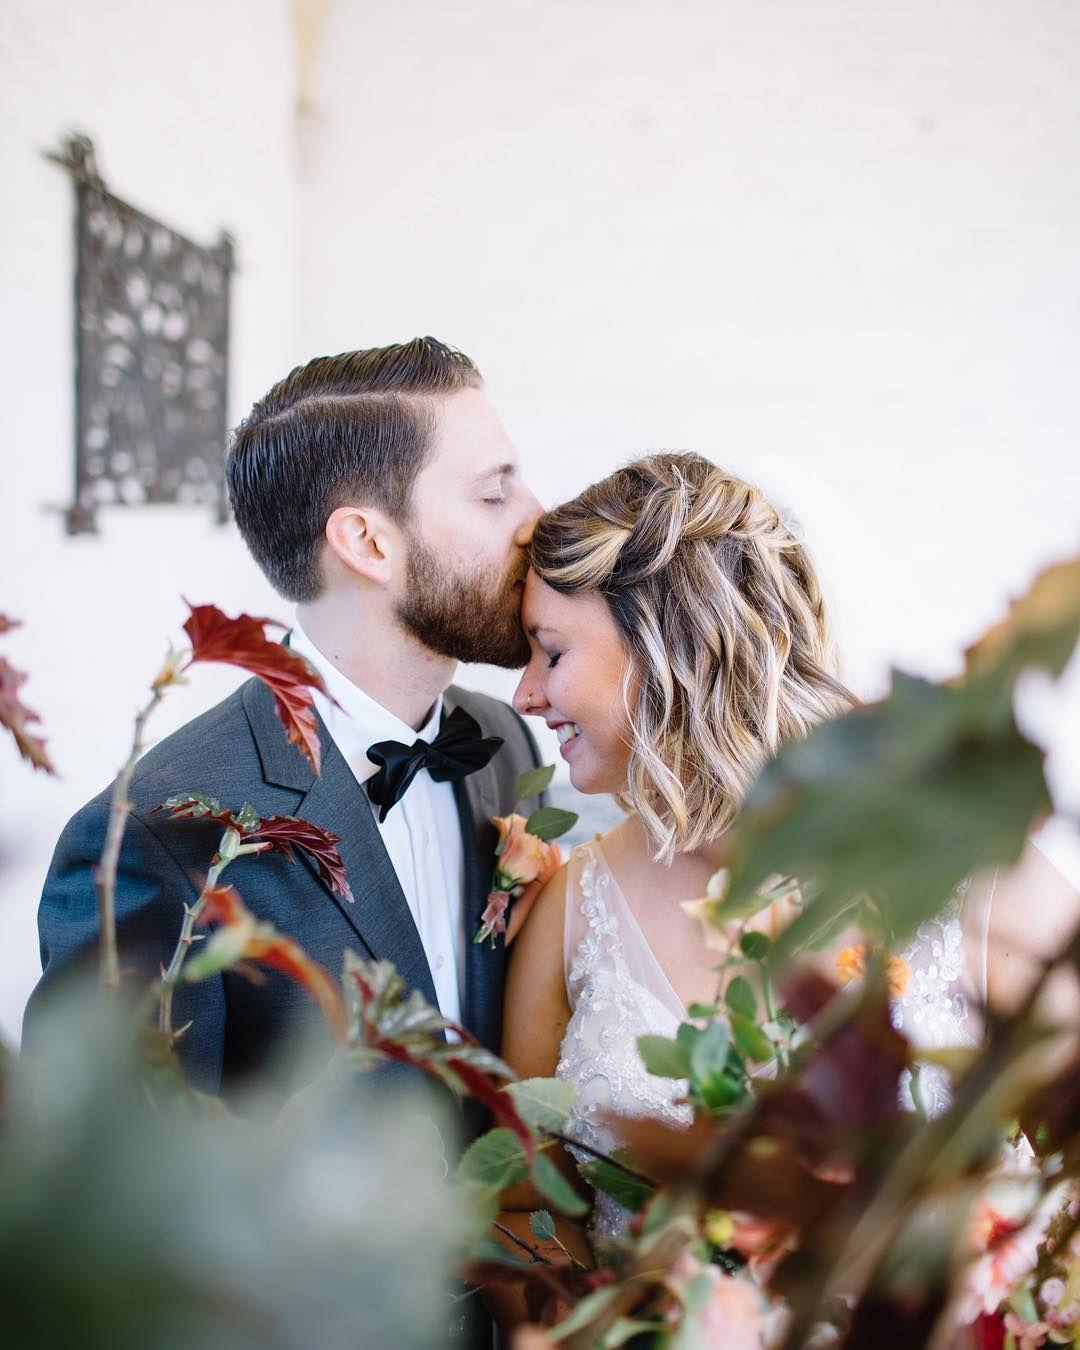 Outdoor Wedding Wisconsin: A Naomi Paper Co. Wedding In Milwaukee, Wisconsin Outdoor